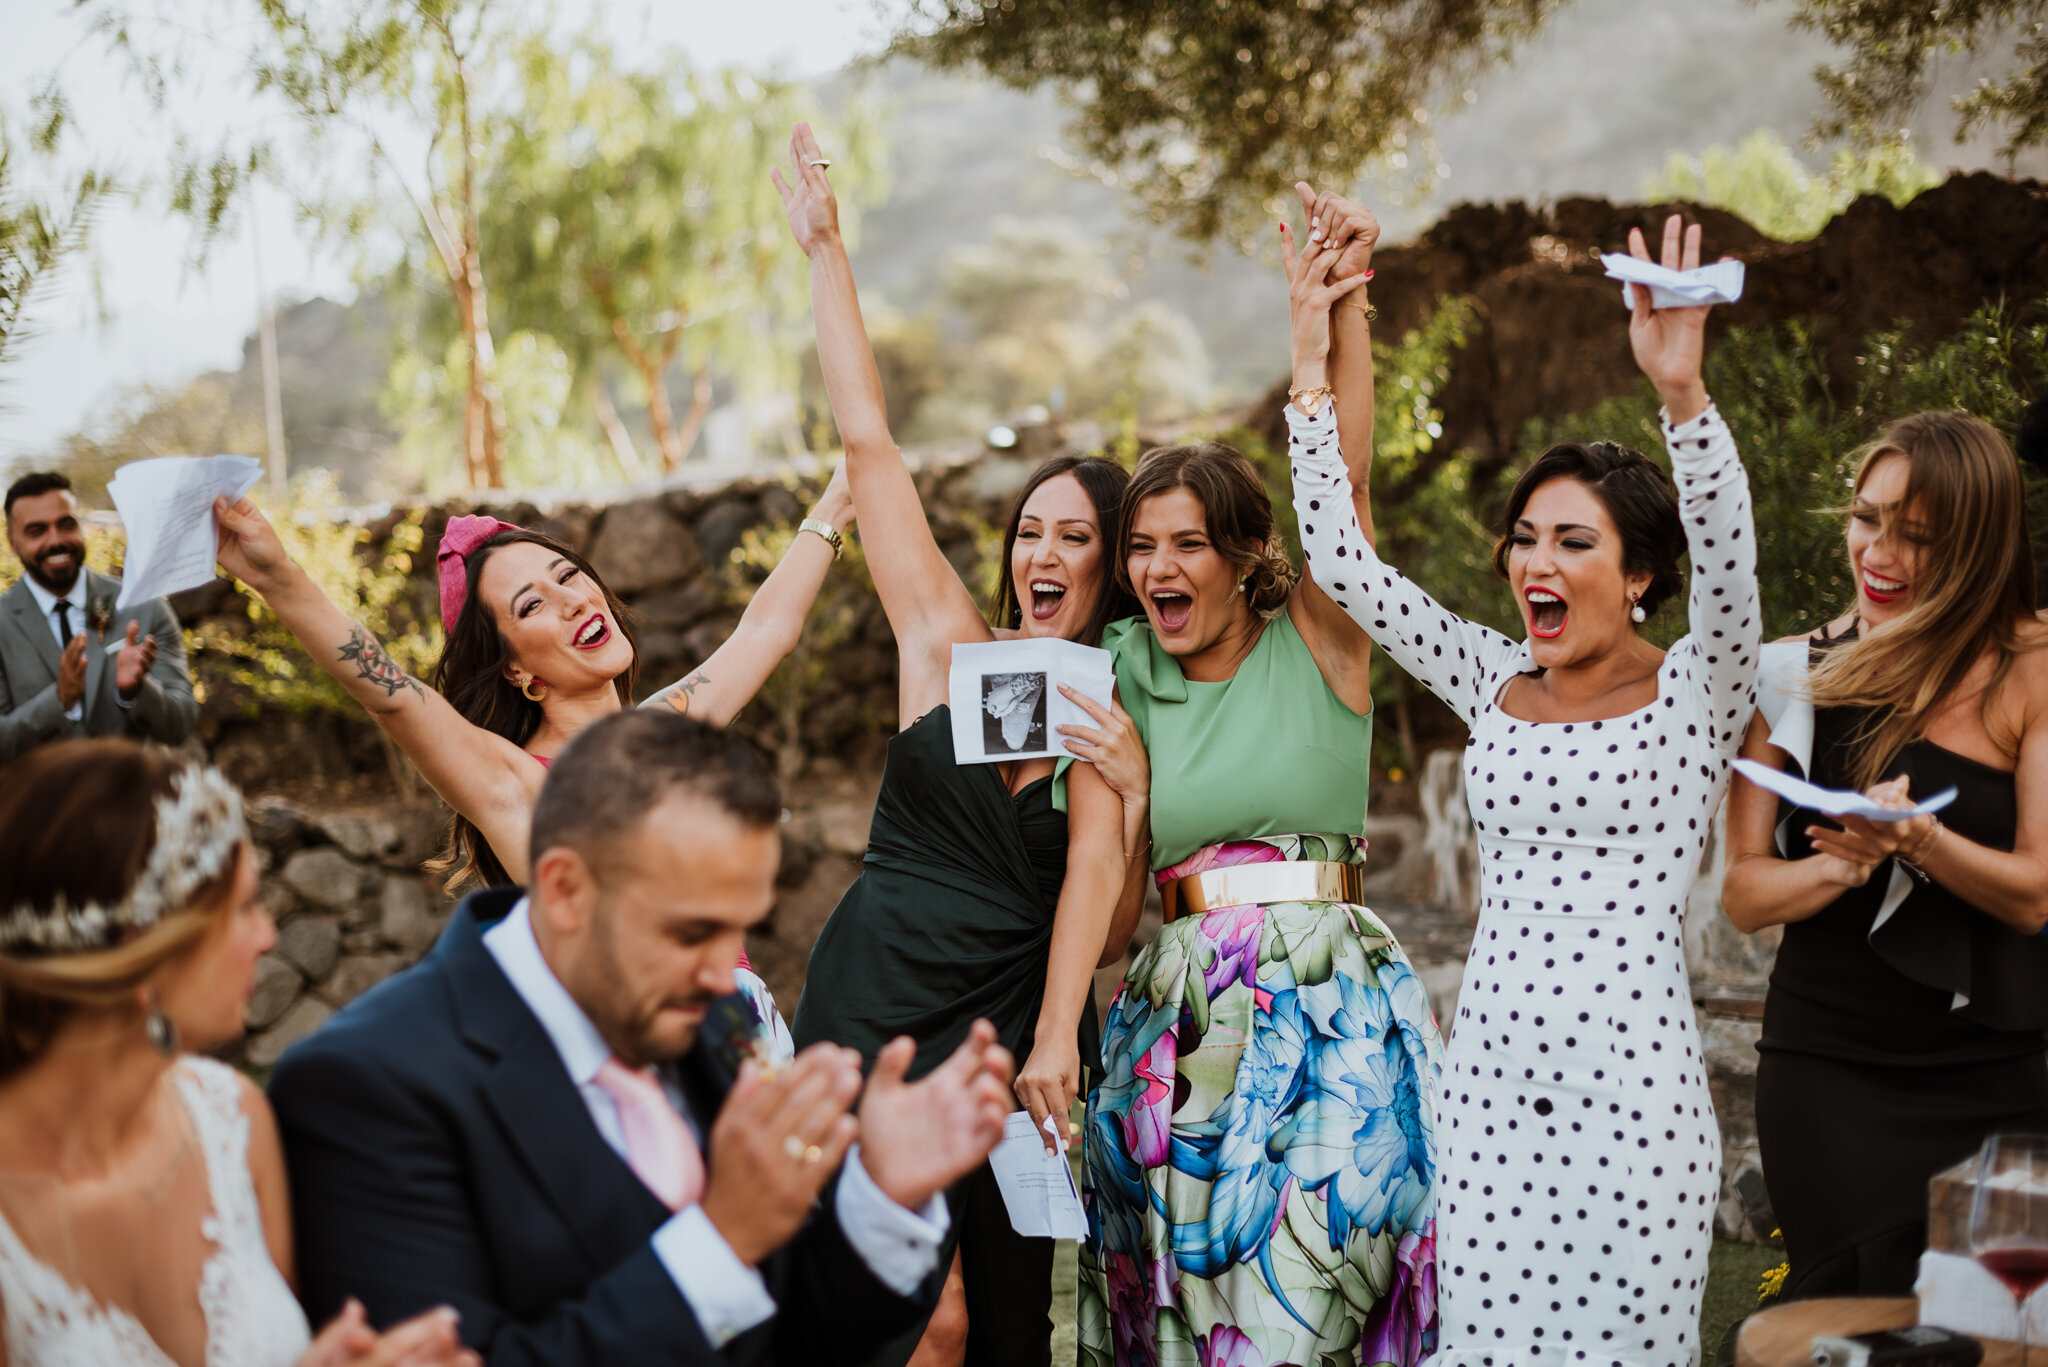 fotografo de bodas las palmas_-75.jpg